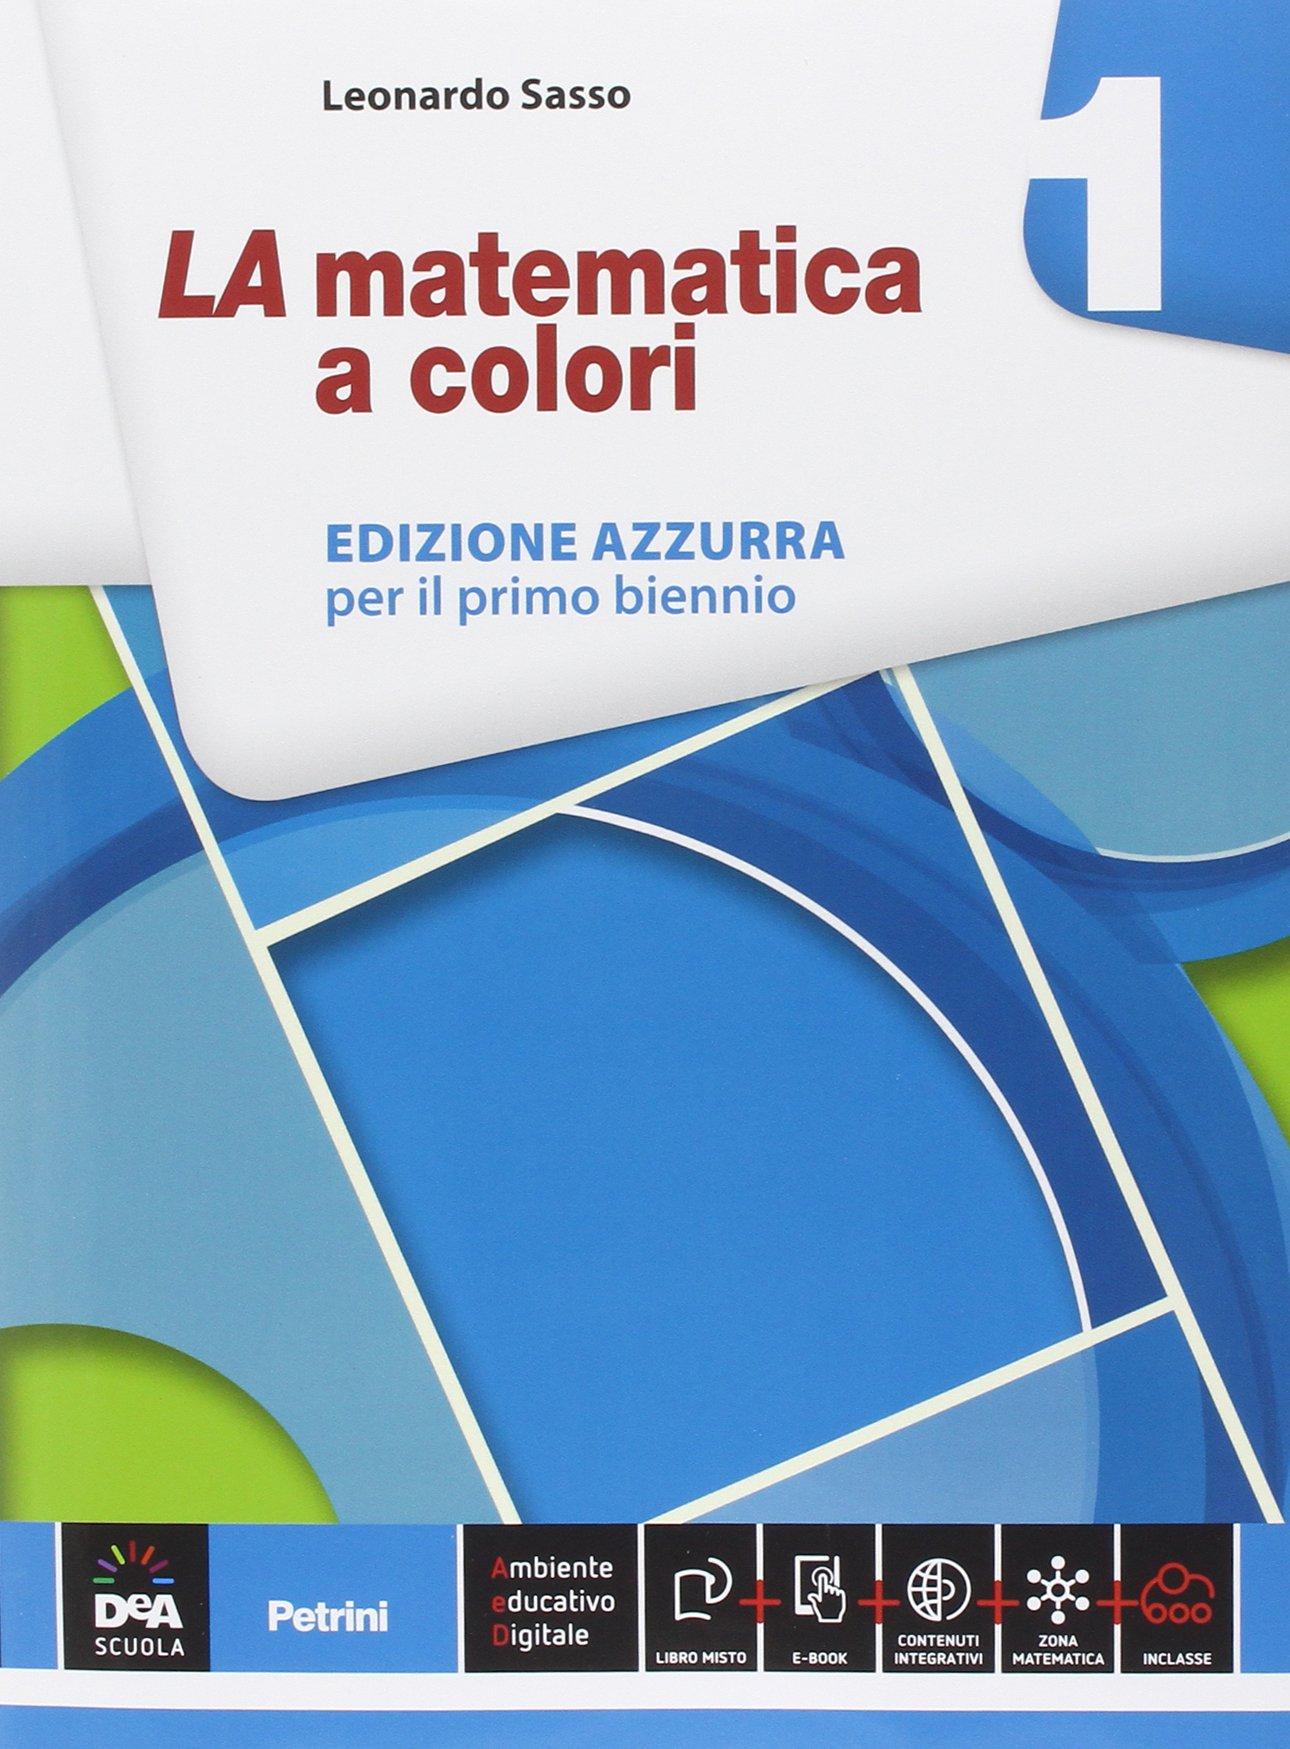 LA matematica a colori 1 – Edizione azzurra, libro di matematica per gli istituti scolastici superiori